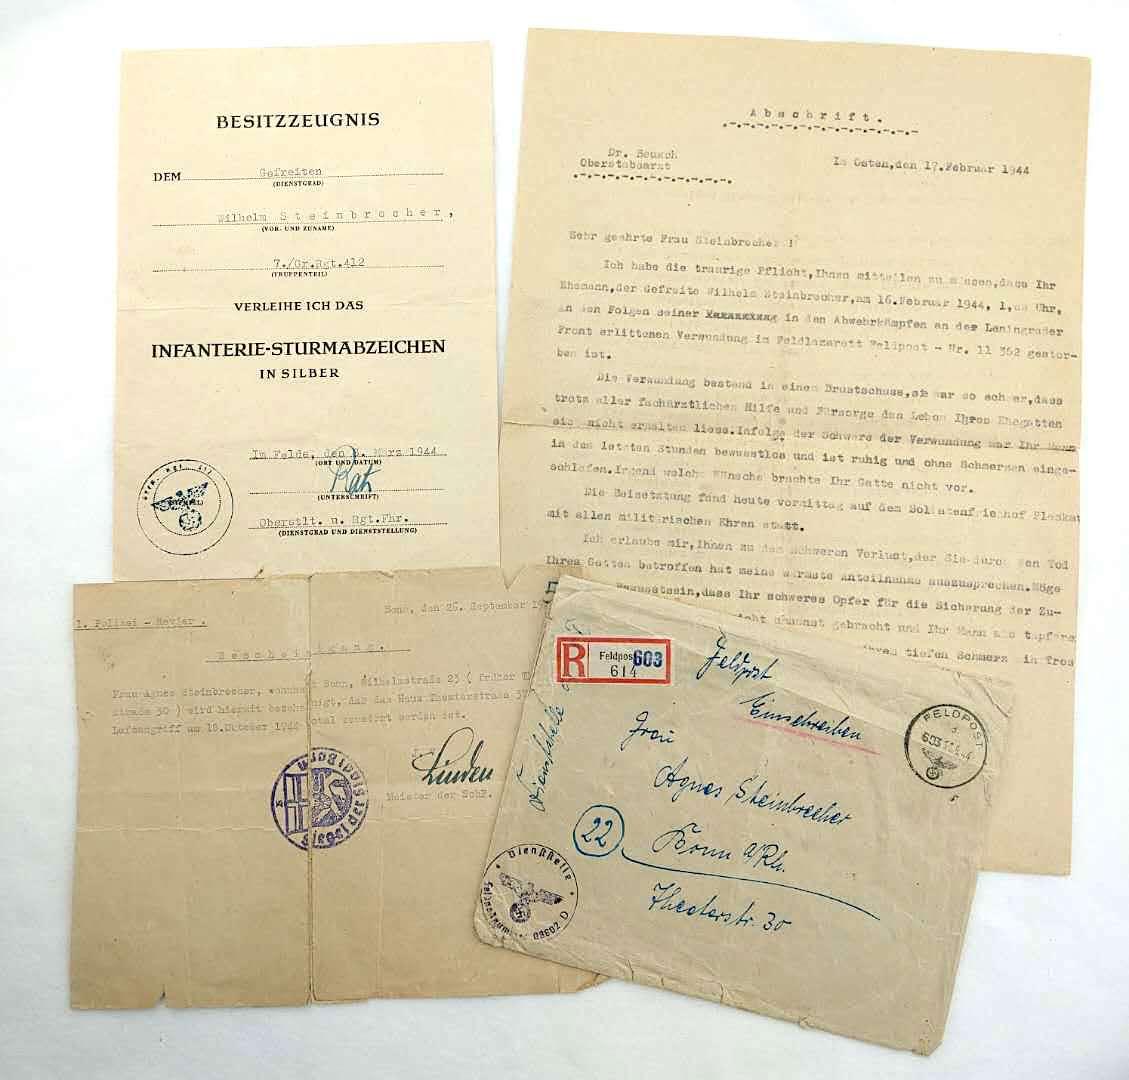 二戰德軍銀級步兵突擊章證書以及陣亡通知書以及寄送信封套組。